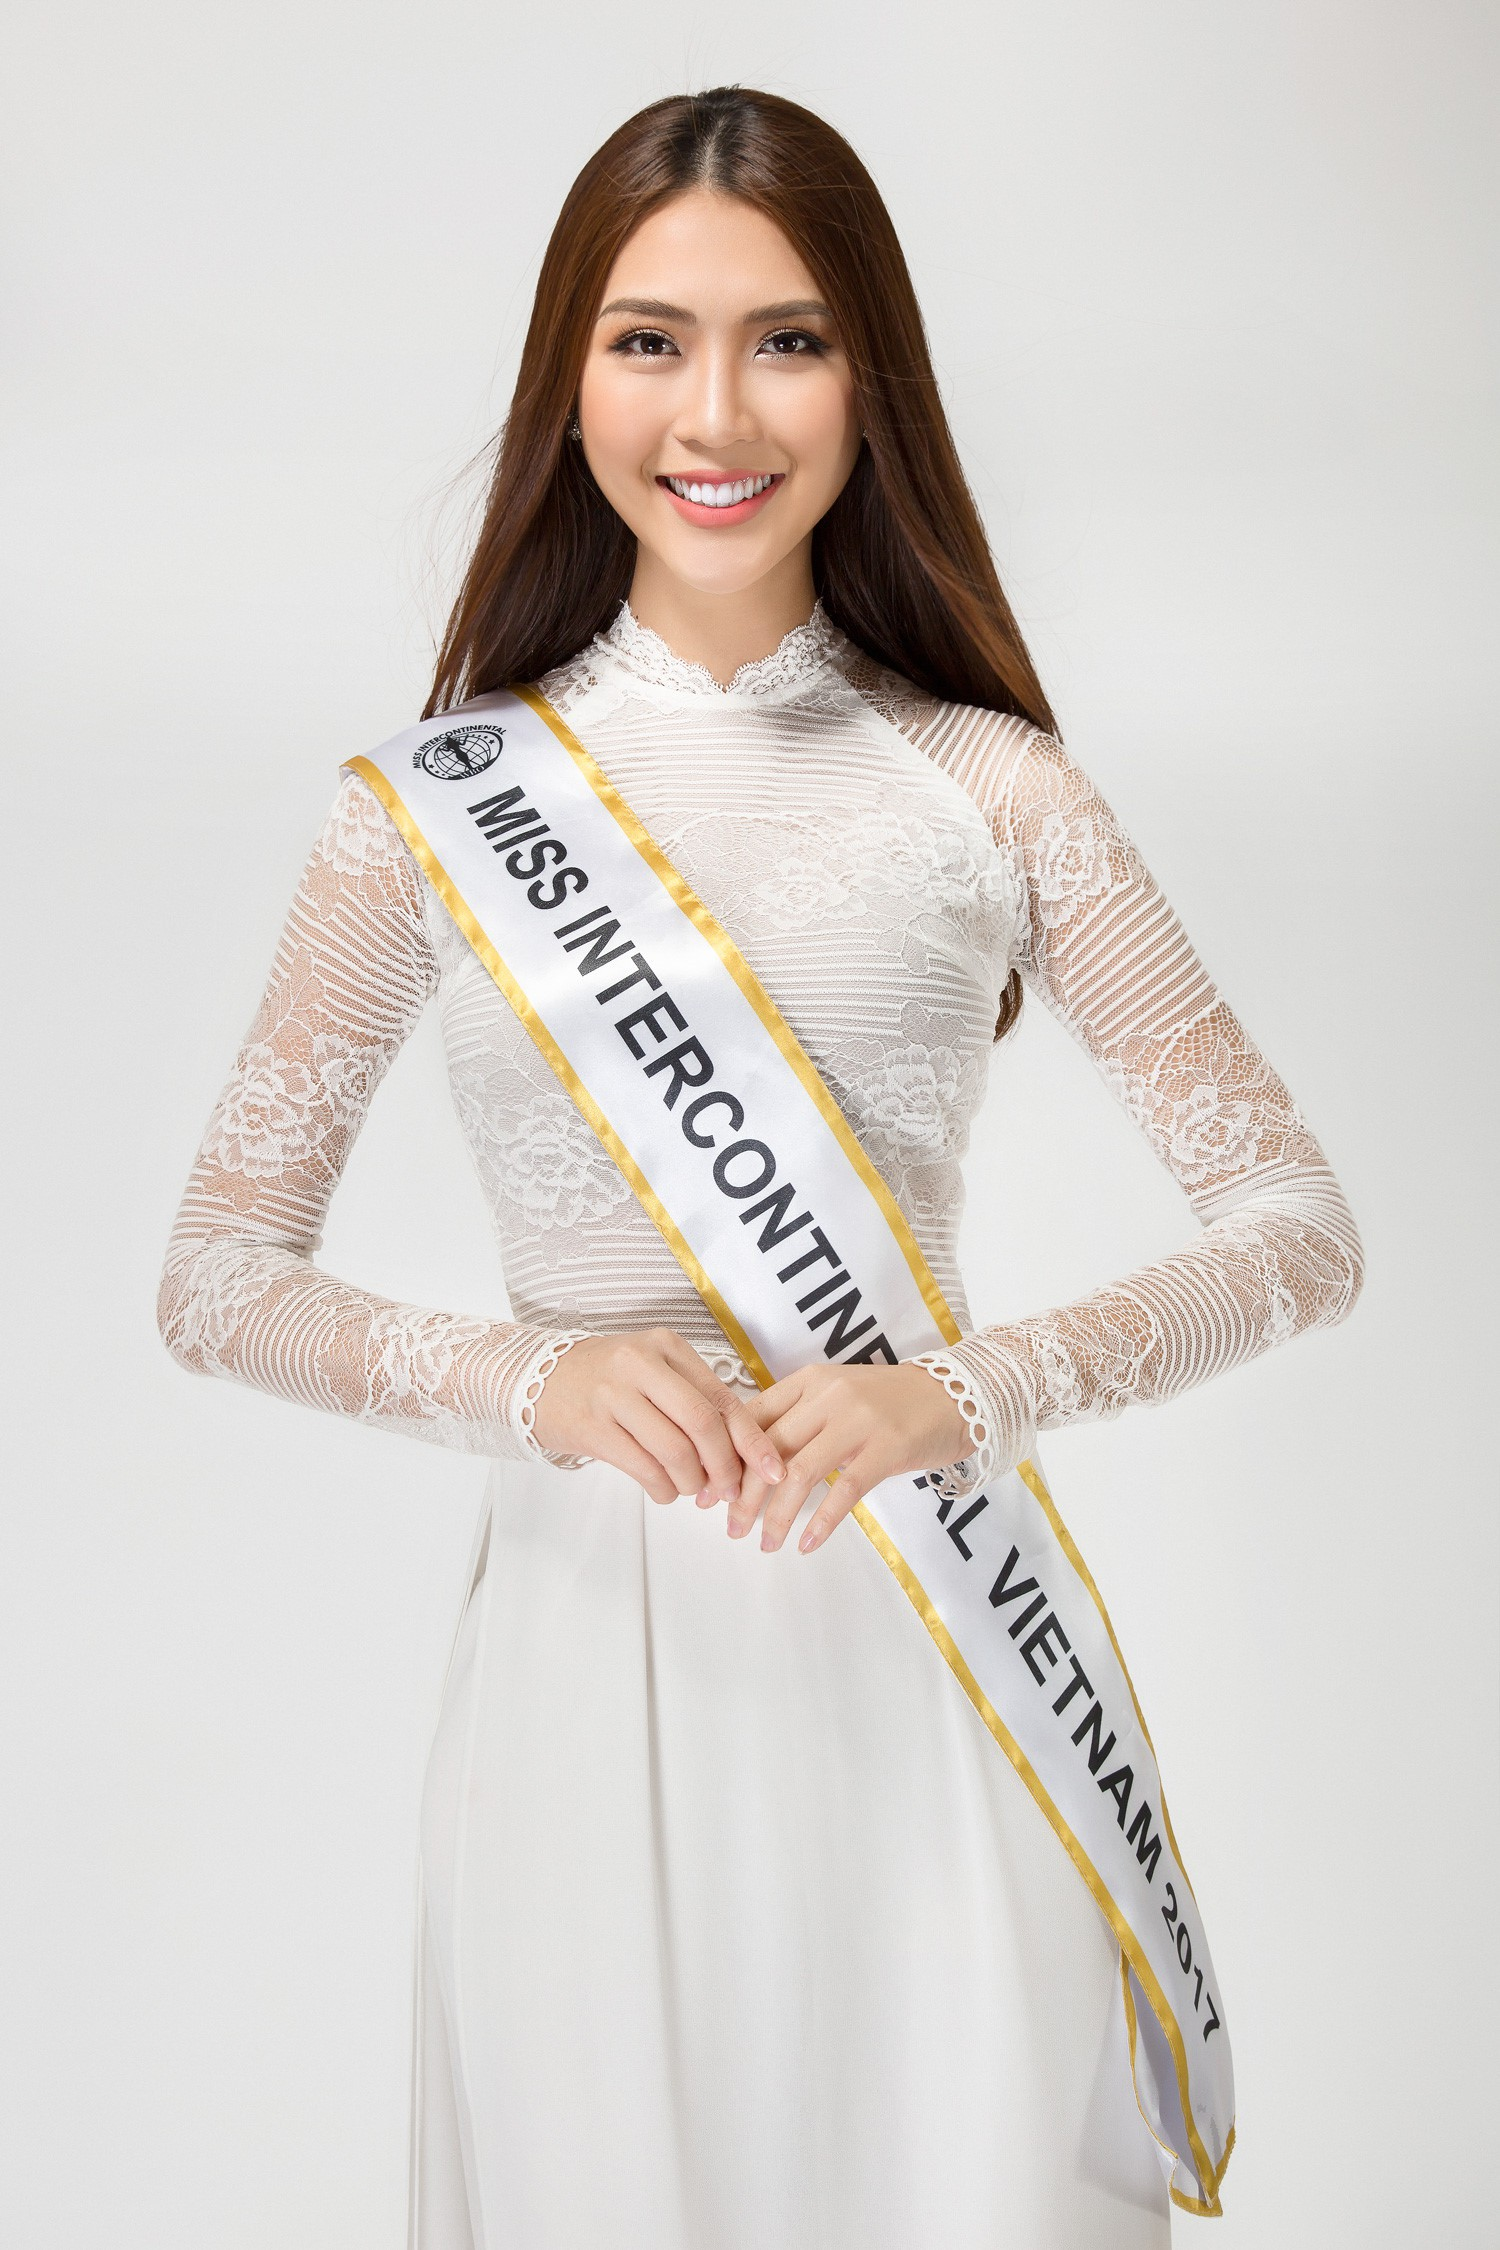 Phạm Hương, Nam Em và dàn mỹ nhân Vbiz kỳ vọng Hà Thu sẽ giành thứ hạng cao trong đêm chung kết Miss Earth 2017 - Ảnh 5.